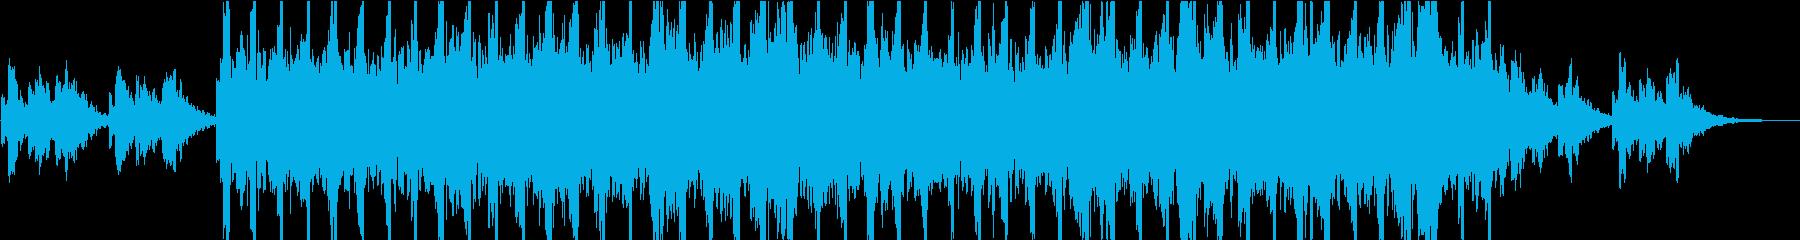 キュートなシンセによるミニマル系BGMの再生済みの波形